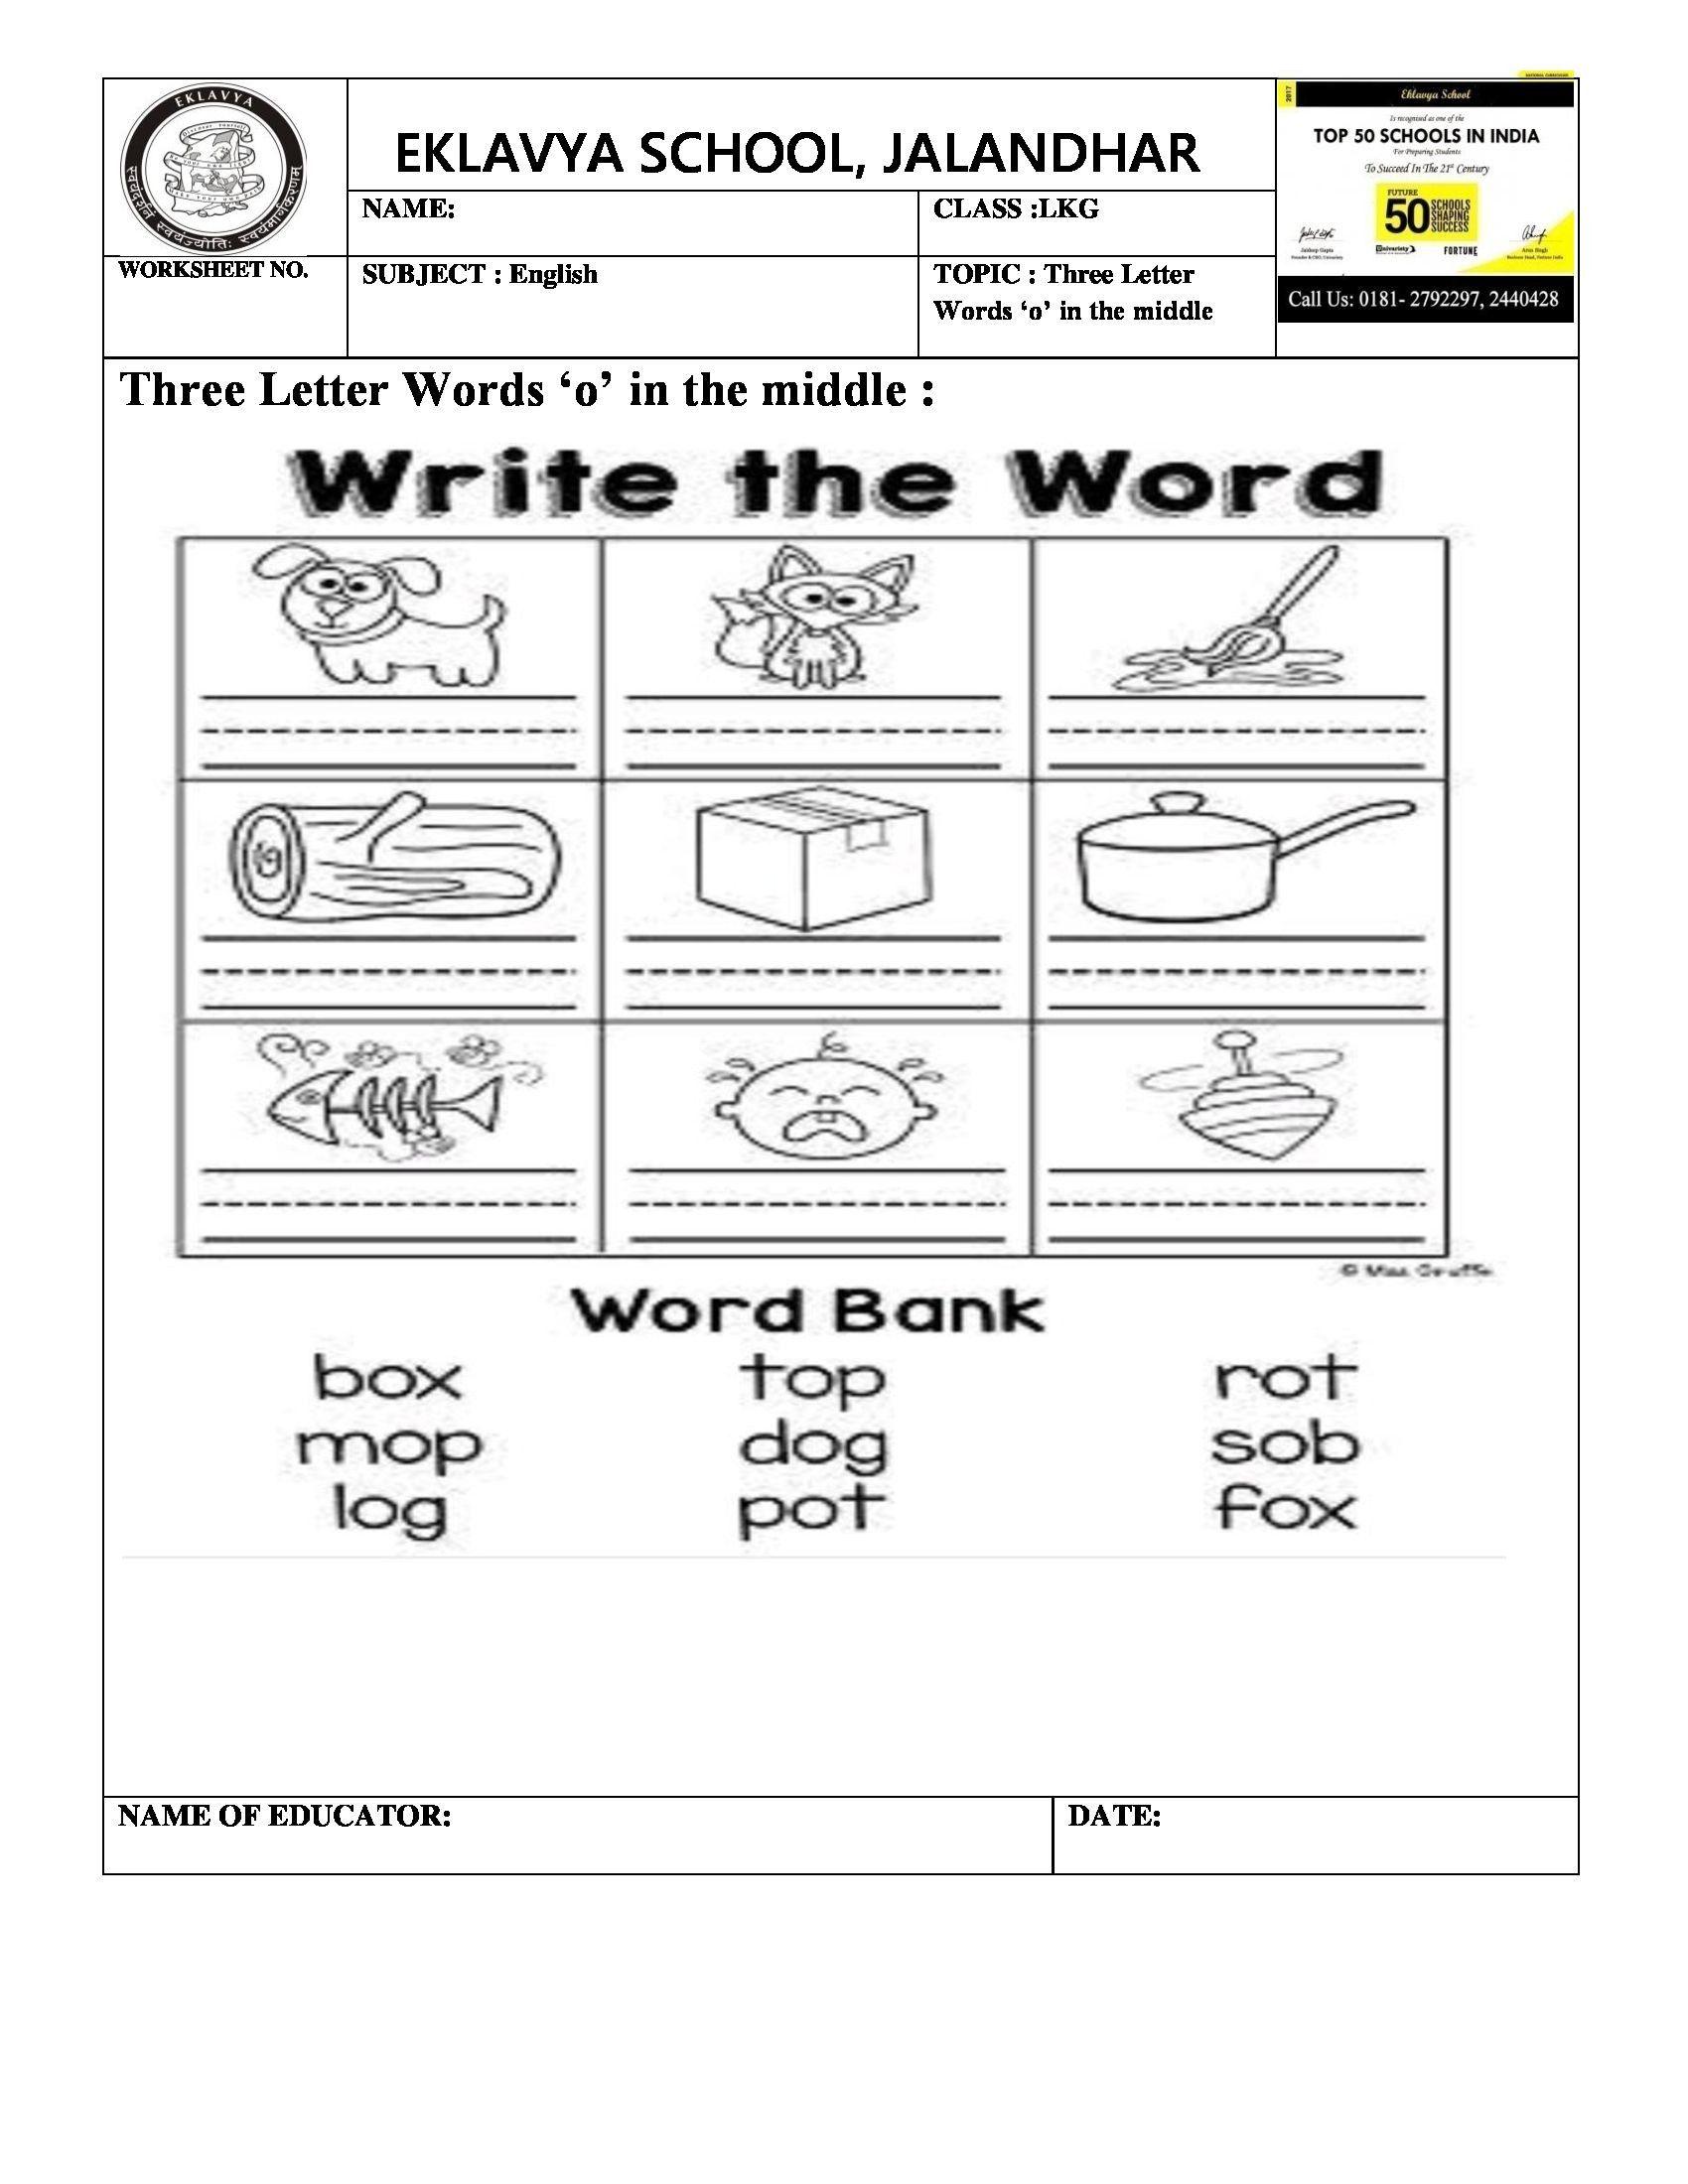 6 School Things Worksheet In